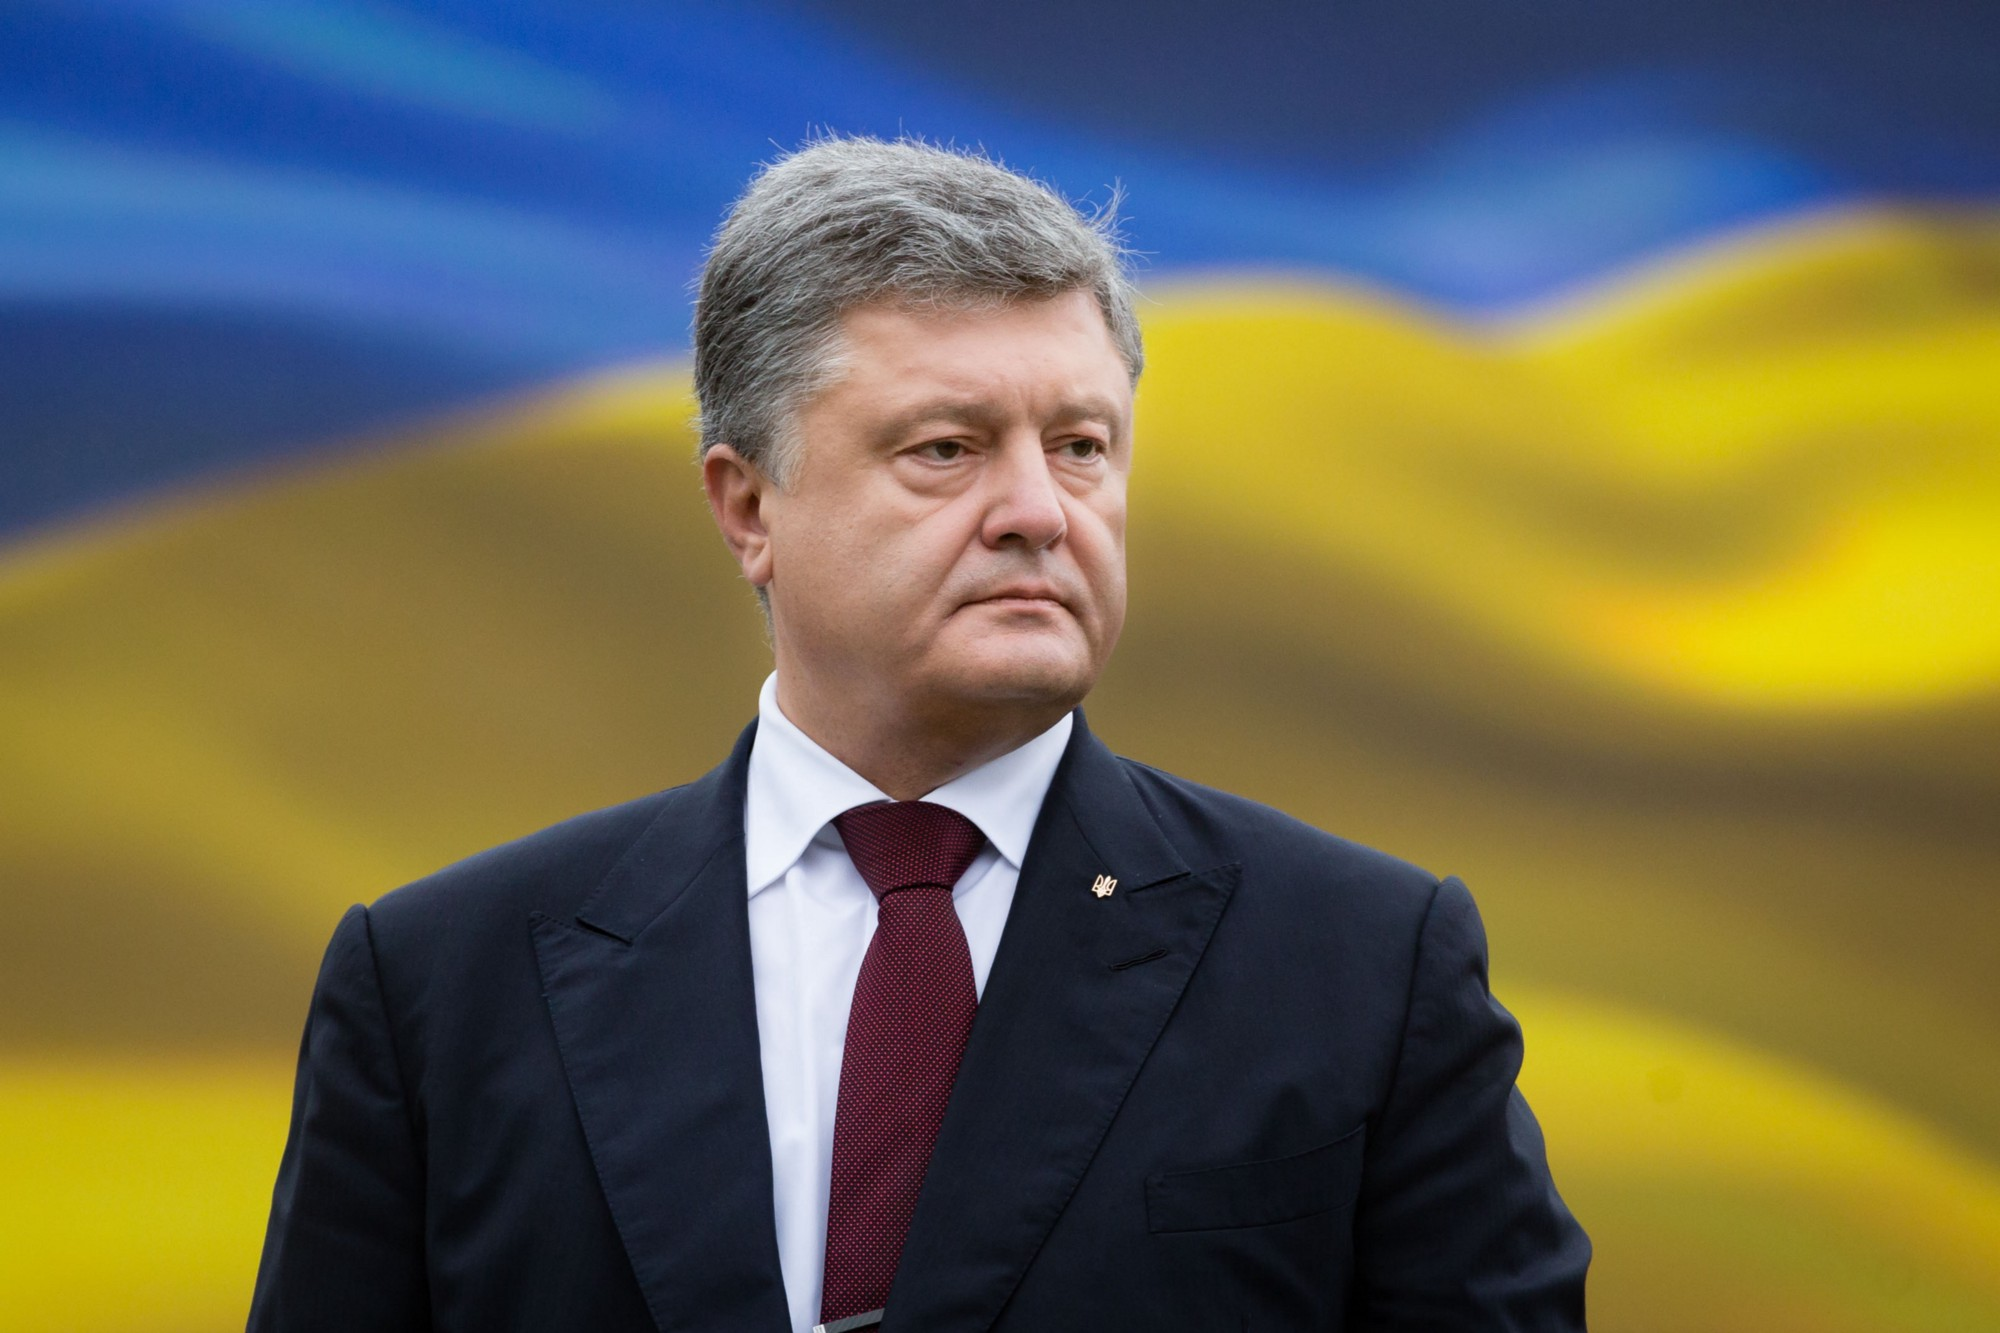 проведении кто был президентом до порошенко всей России Красноярский